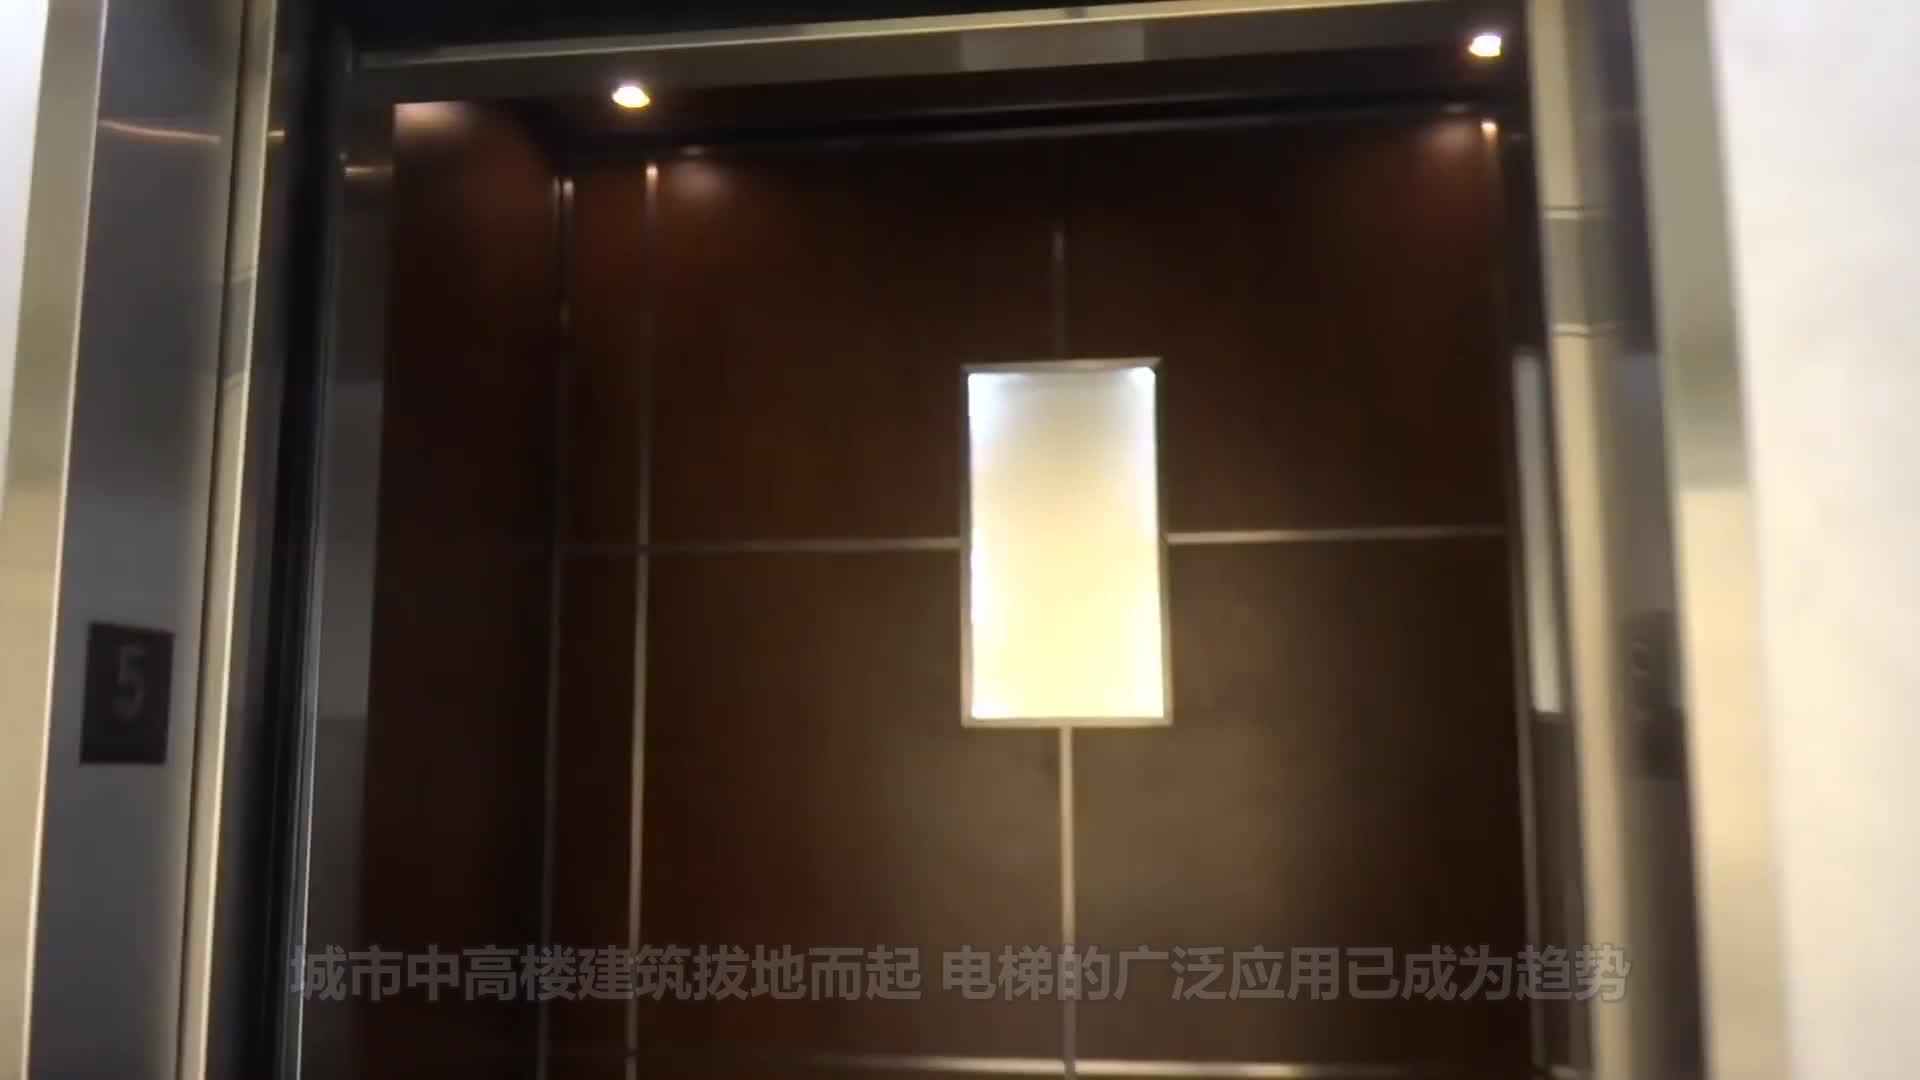 电梯坠落即将落地时,向上跳跃就能救命?动画演示全过程!